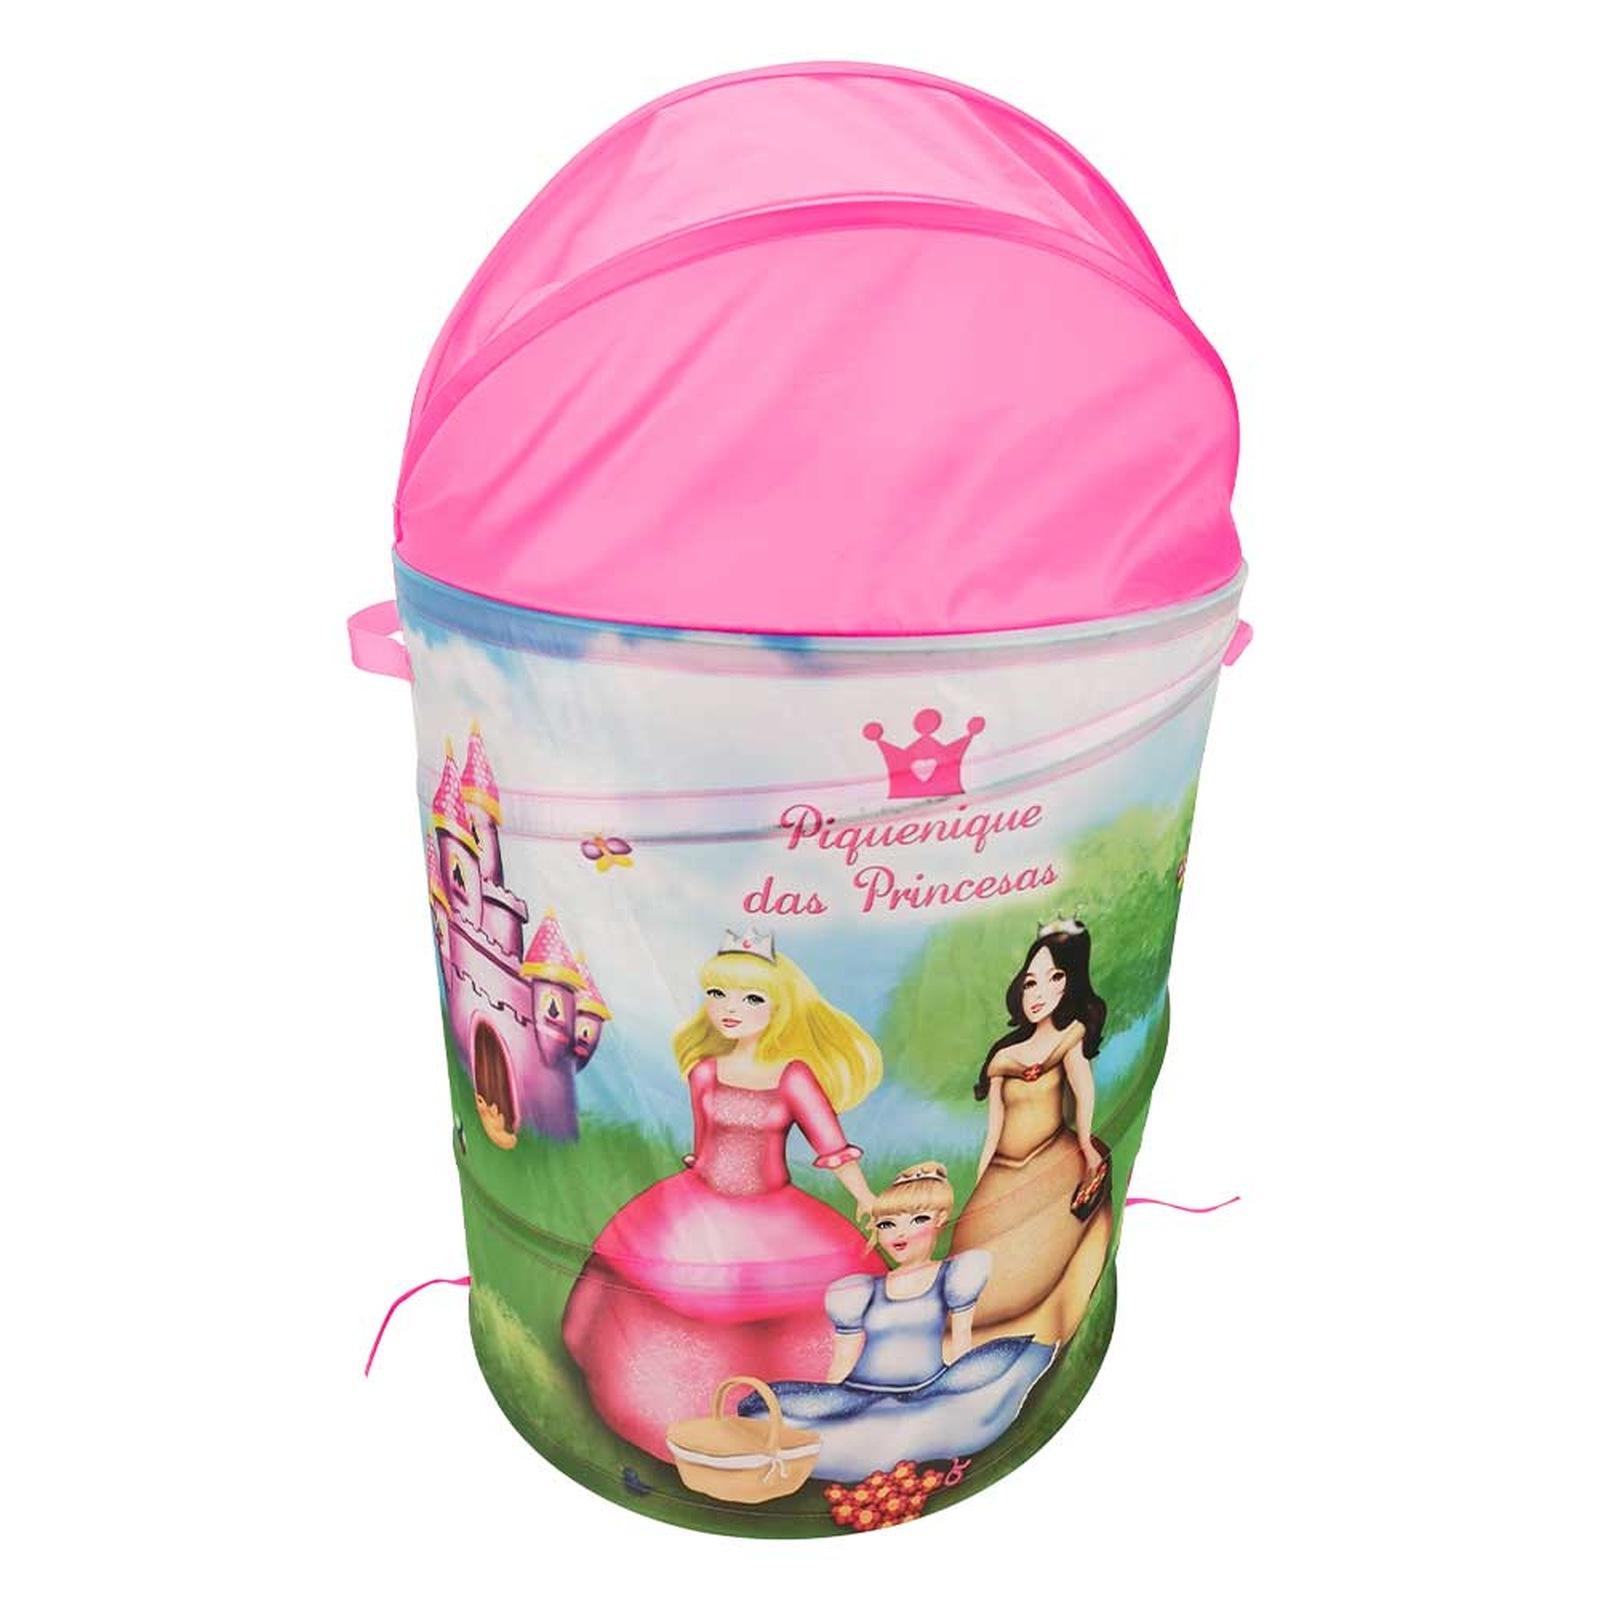 Organizador Cesto Brinquedos Piquenique das Princesas - DM